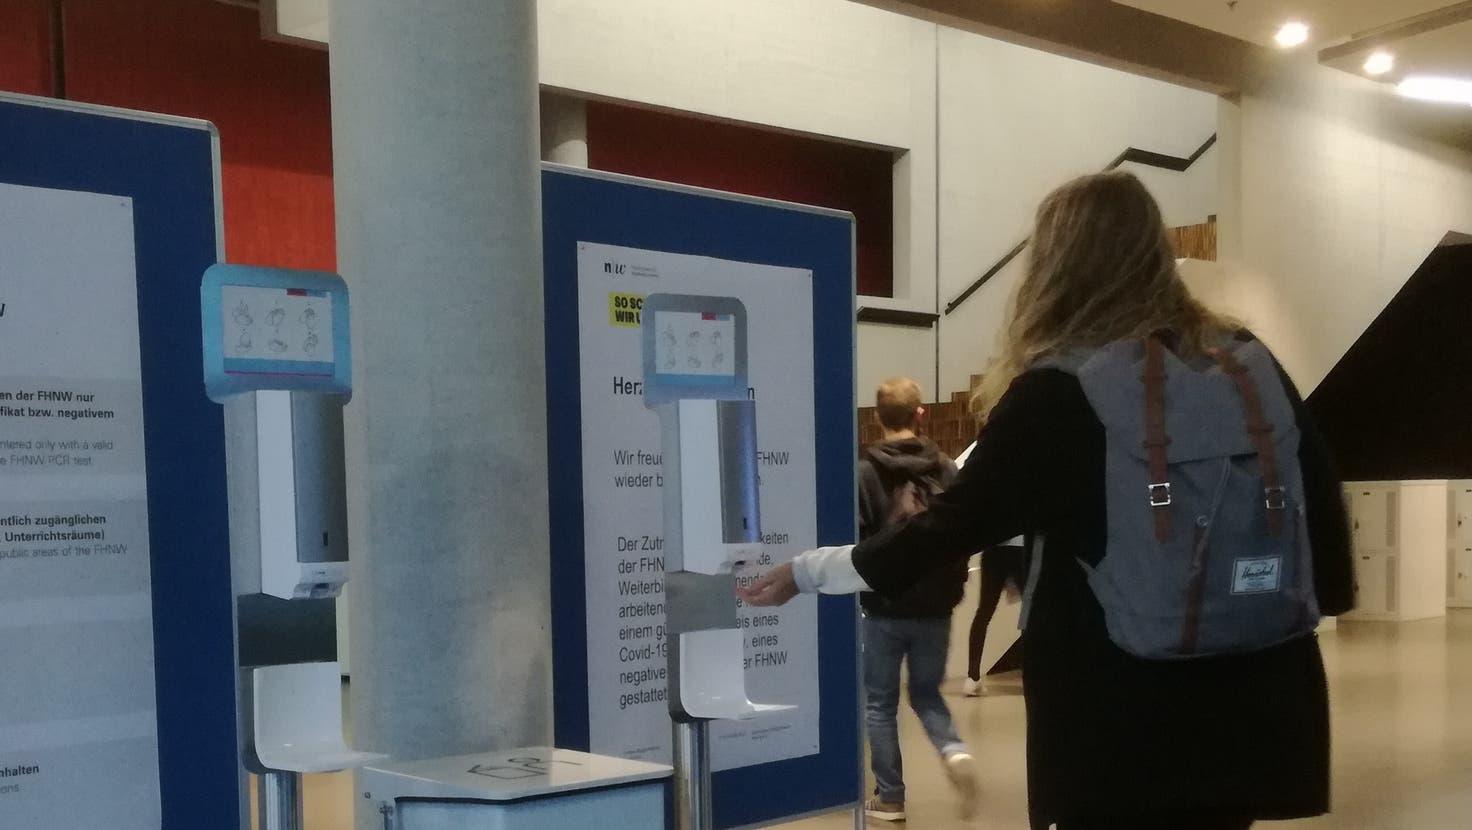 Seit Montag, 18. Oktober, gilt Zertifikatspflicht an der FHNW Brugg-Windisch – die Vorgaben sind auf Stellwänden beim Eingang angeschlagen. (Claudia Meier / Aargauer Zeitung)